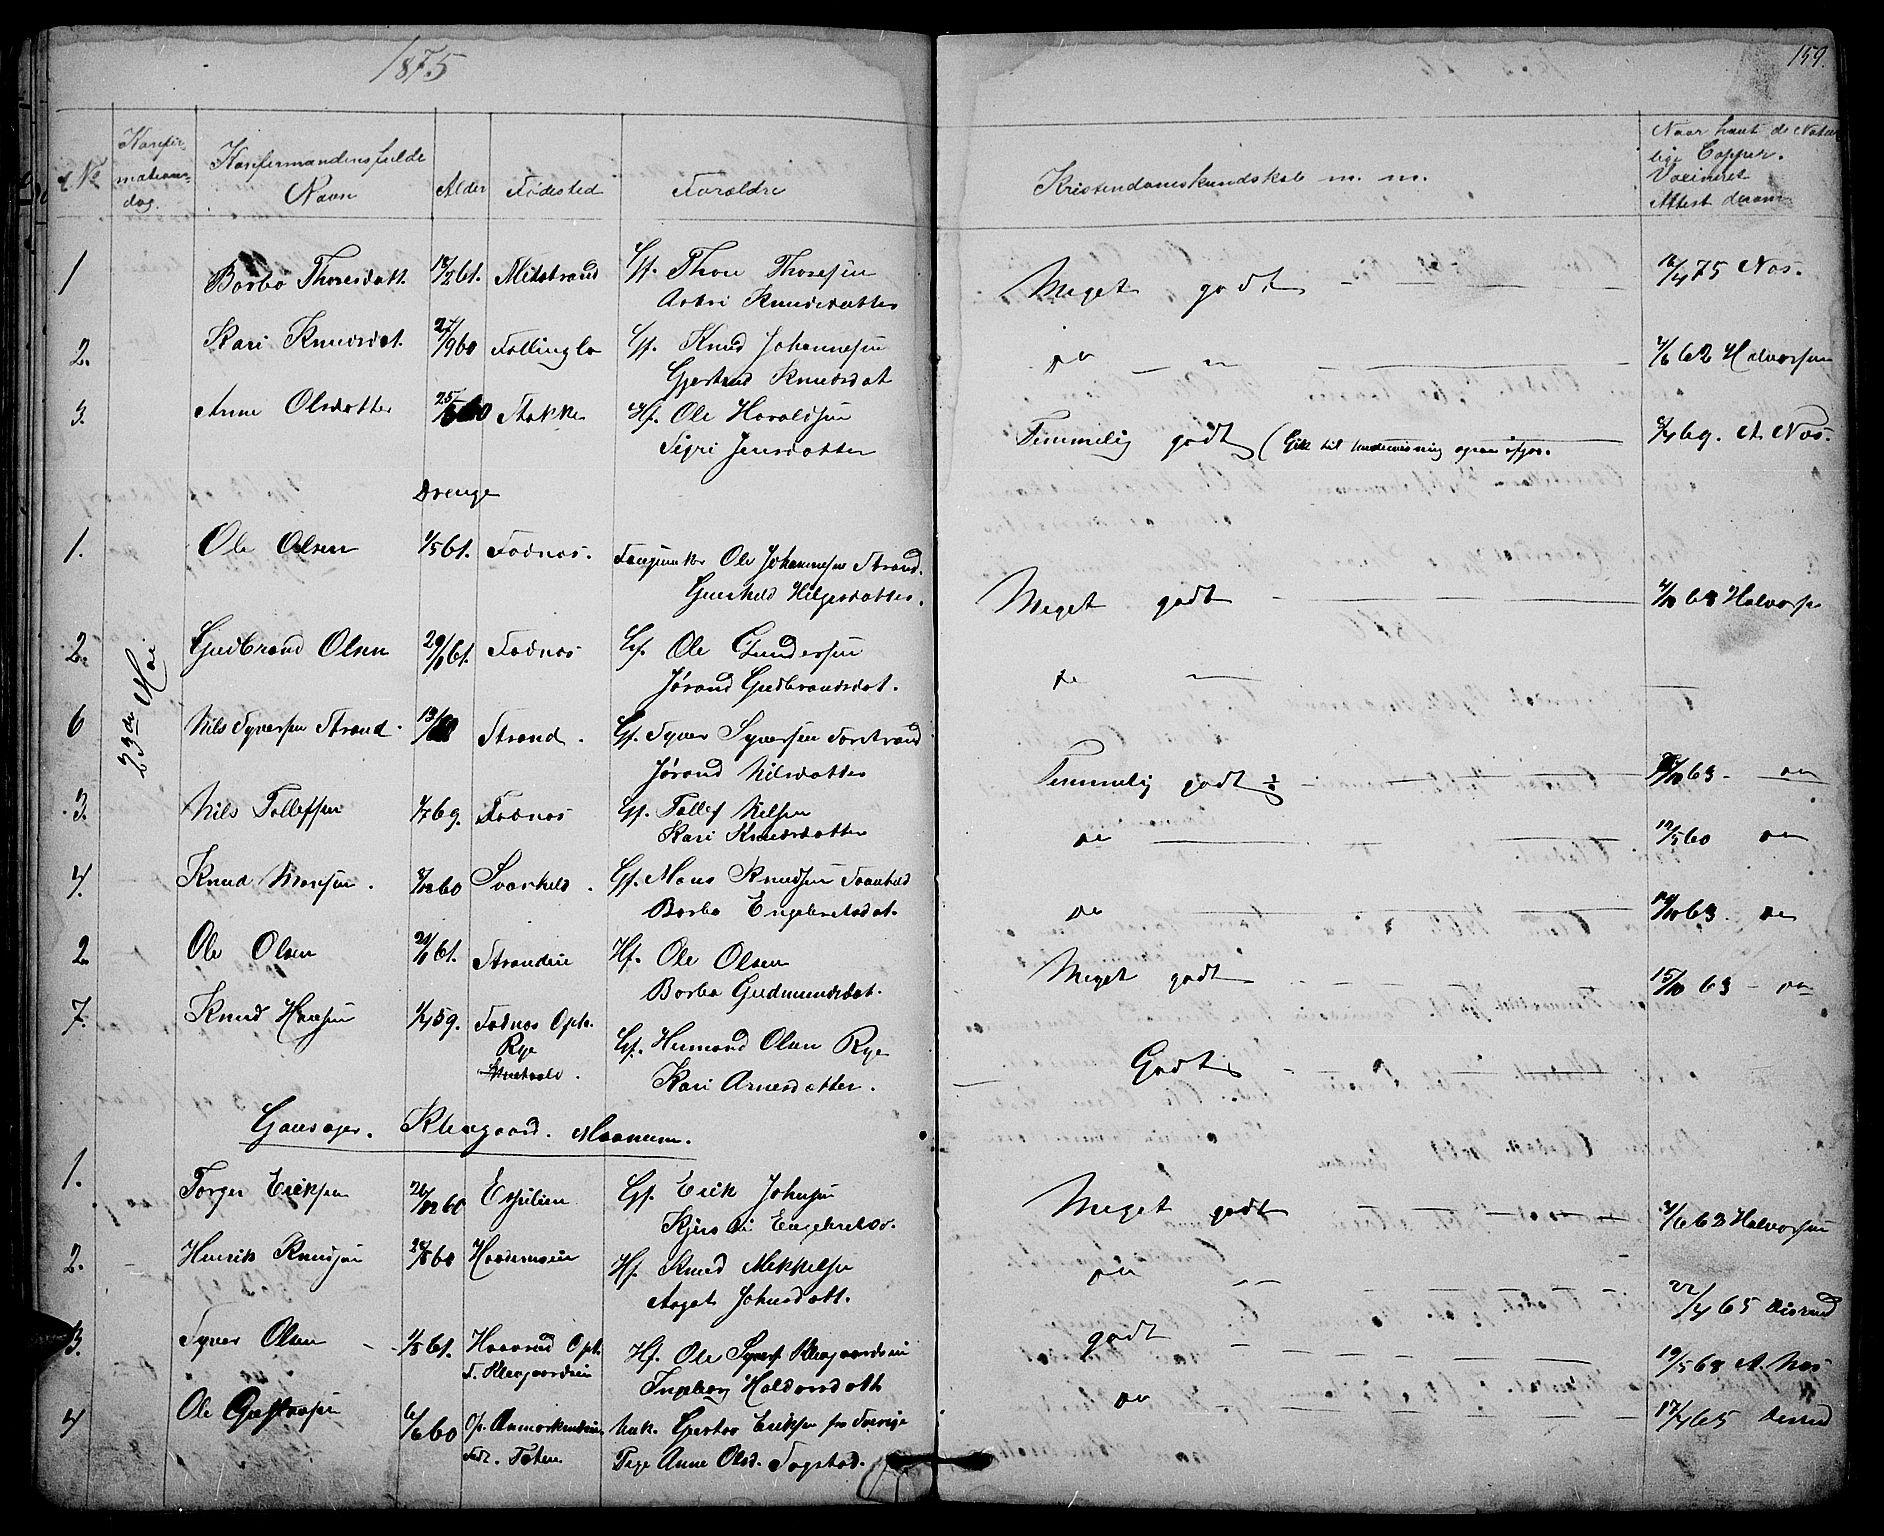 SAH, Nord-Aurdal prestekontor, Klokkerbok nr. 3, 1842-1882, s. 159